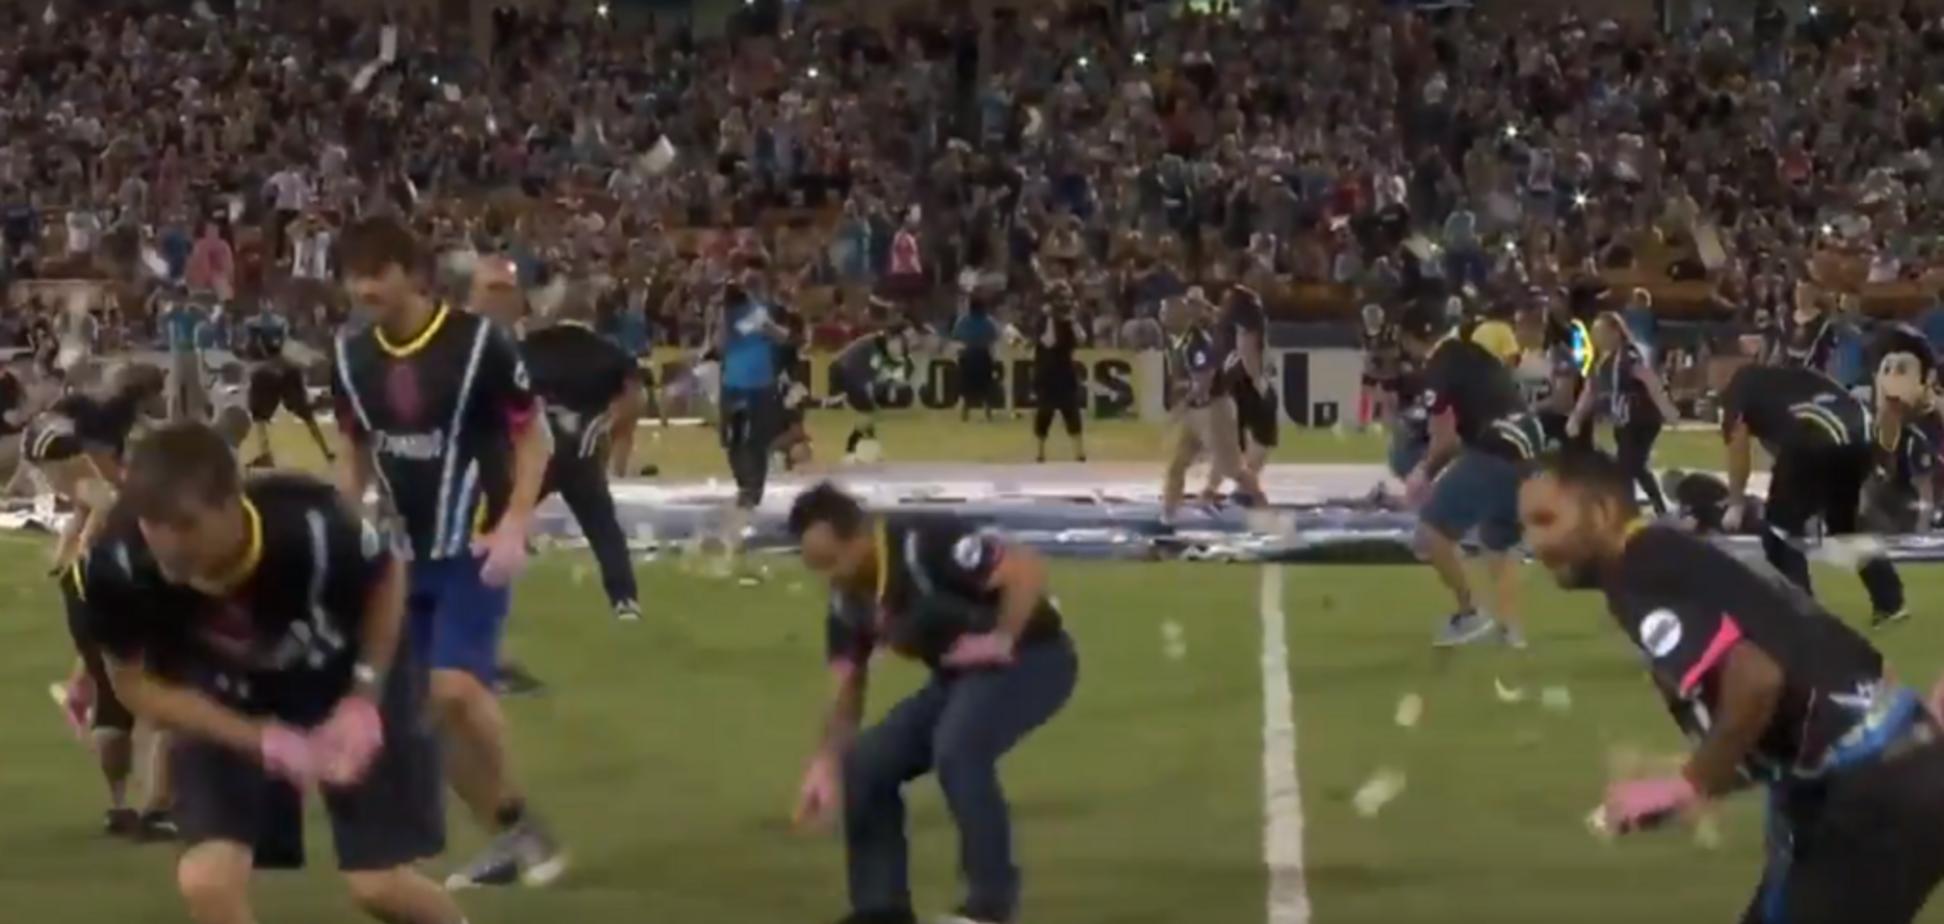 Футболисты на стадионе устроили дождь из долларов - опубликовано видео